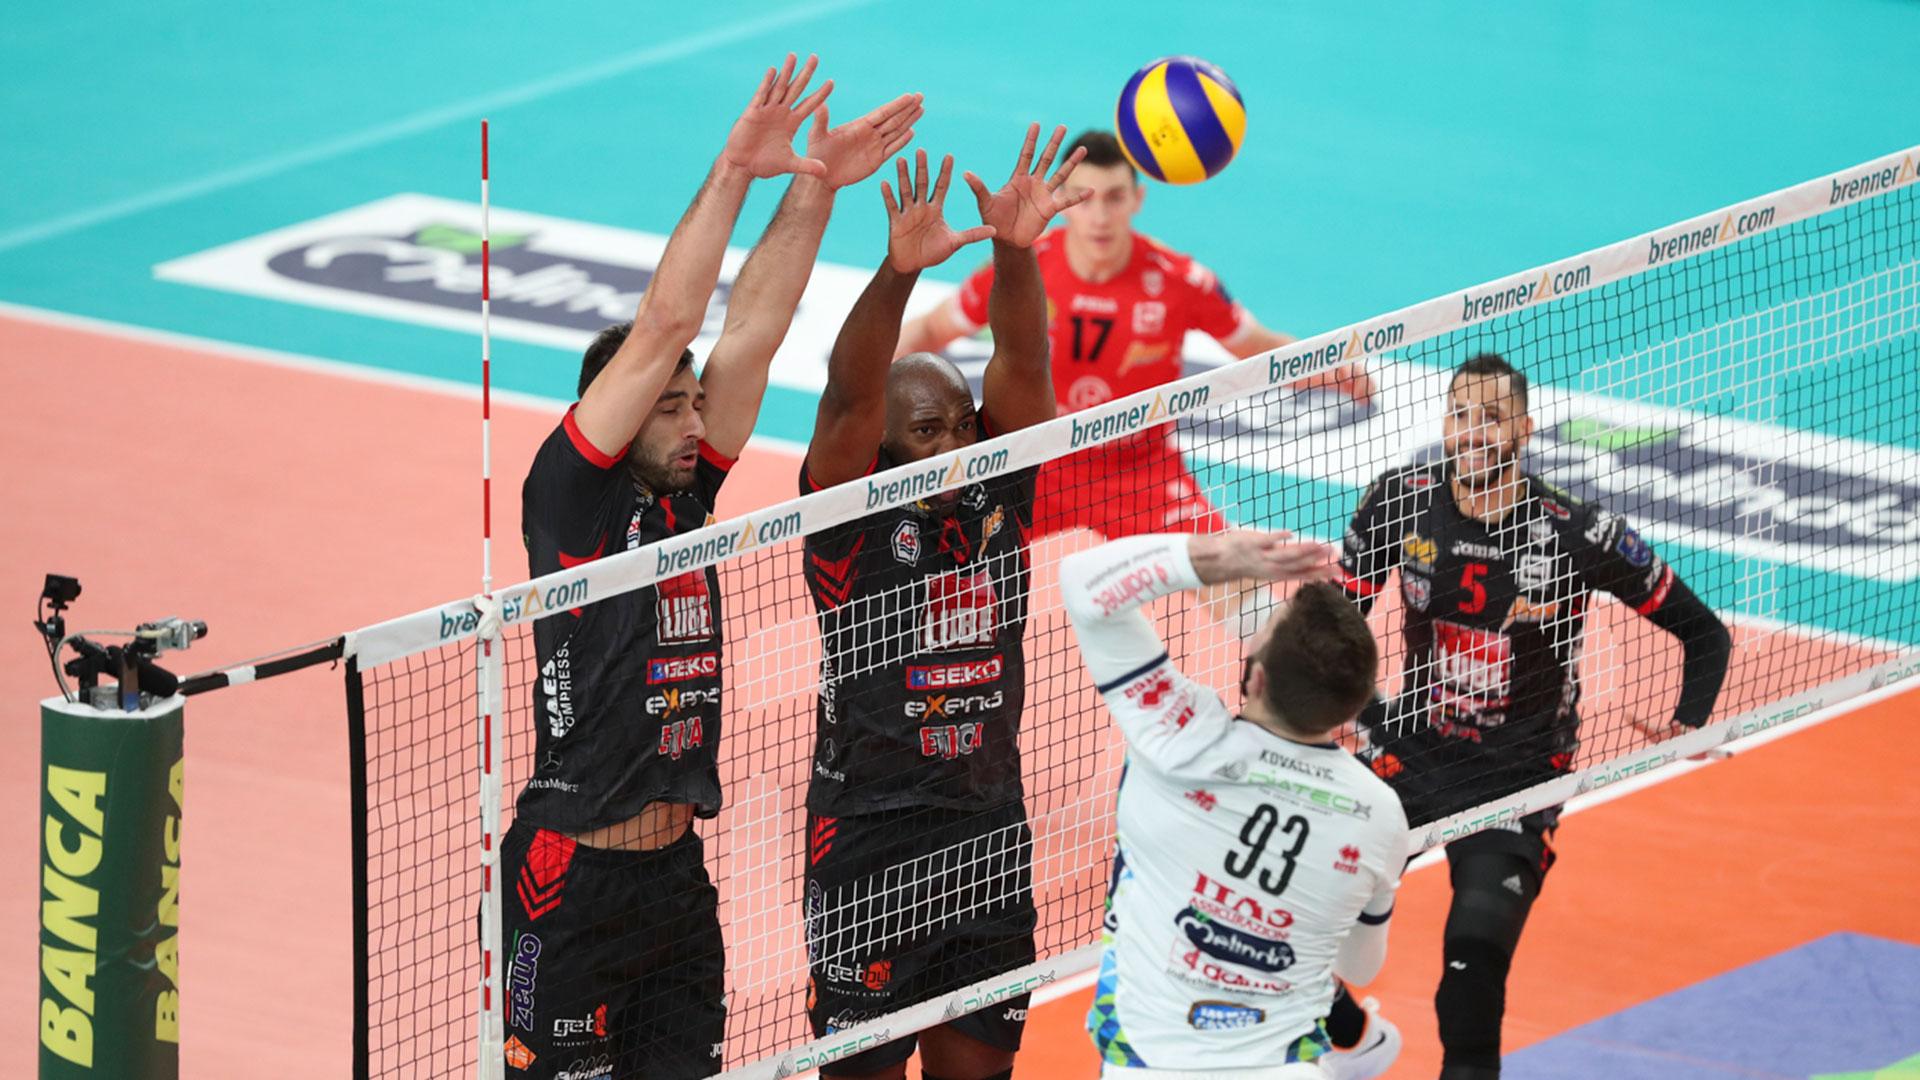 La Lube espugna Trento (3-1), monumentale Sokolov MVP